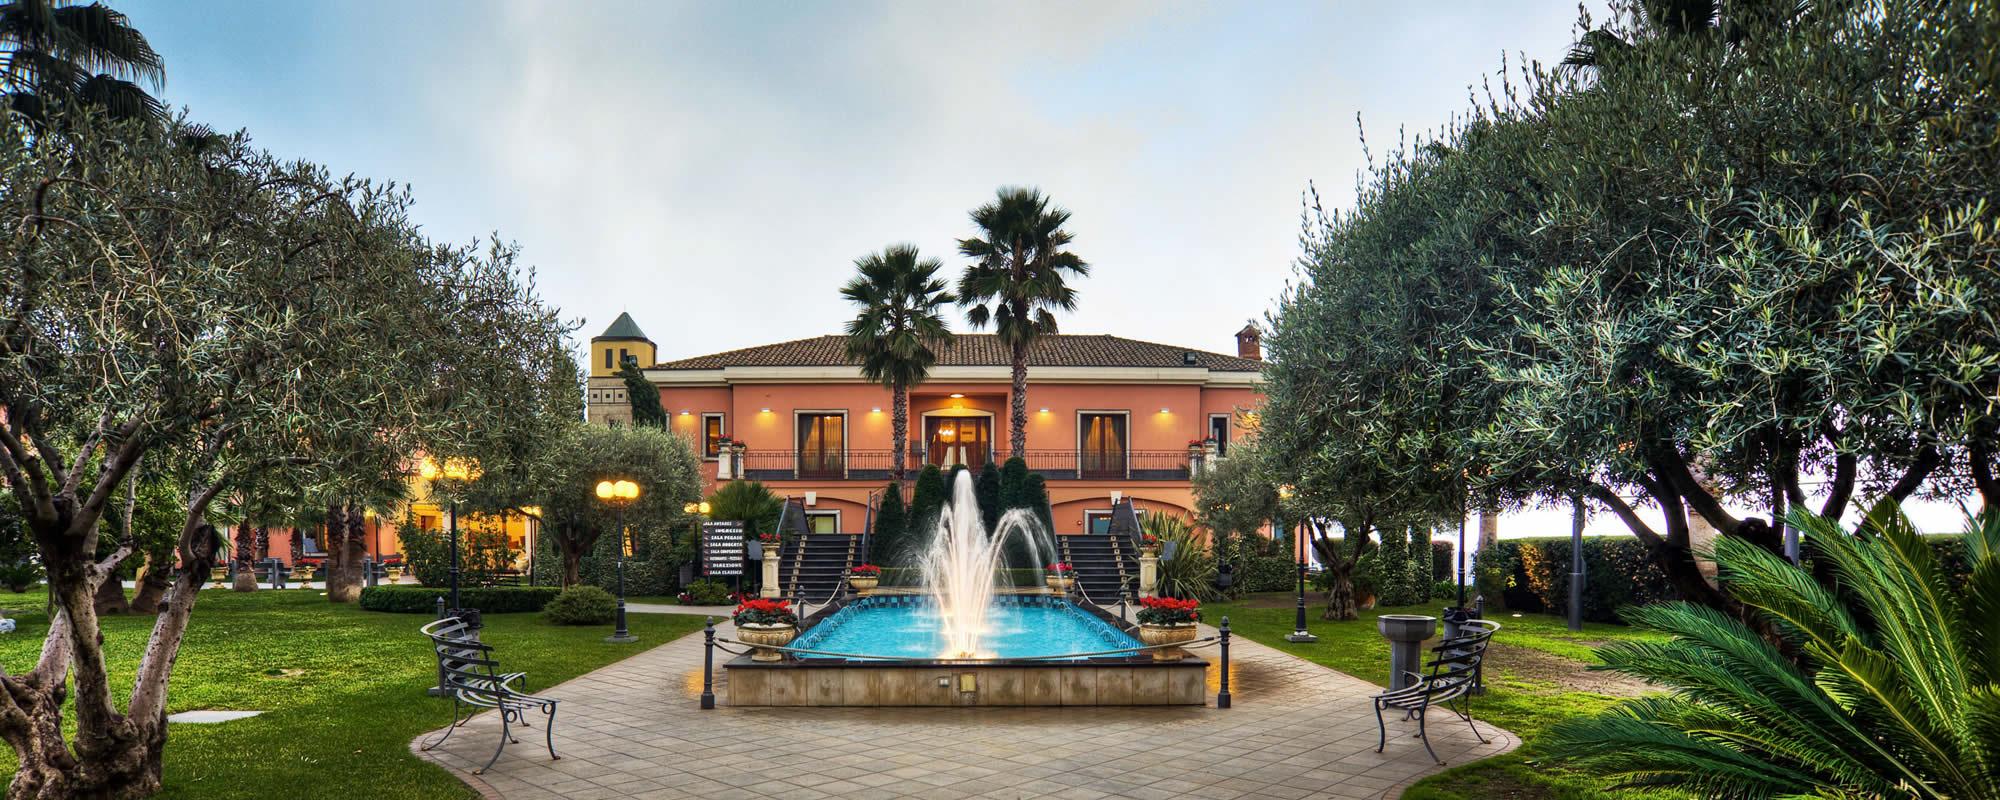 Villa Mirador – Ricevimenti Catania